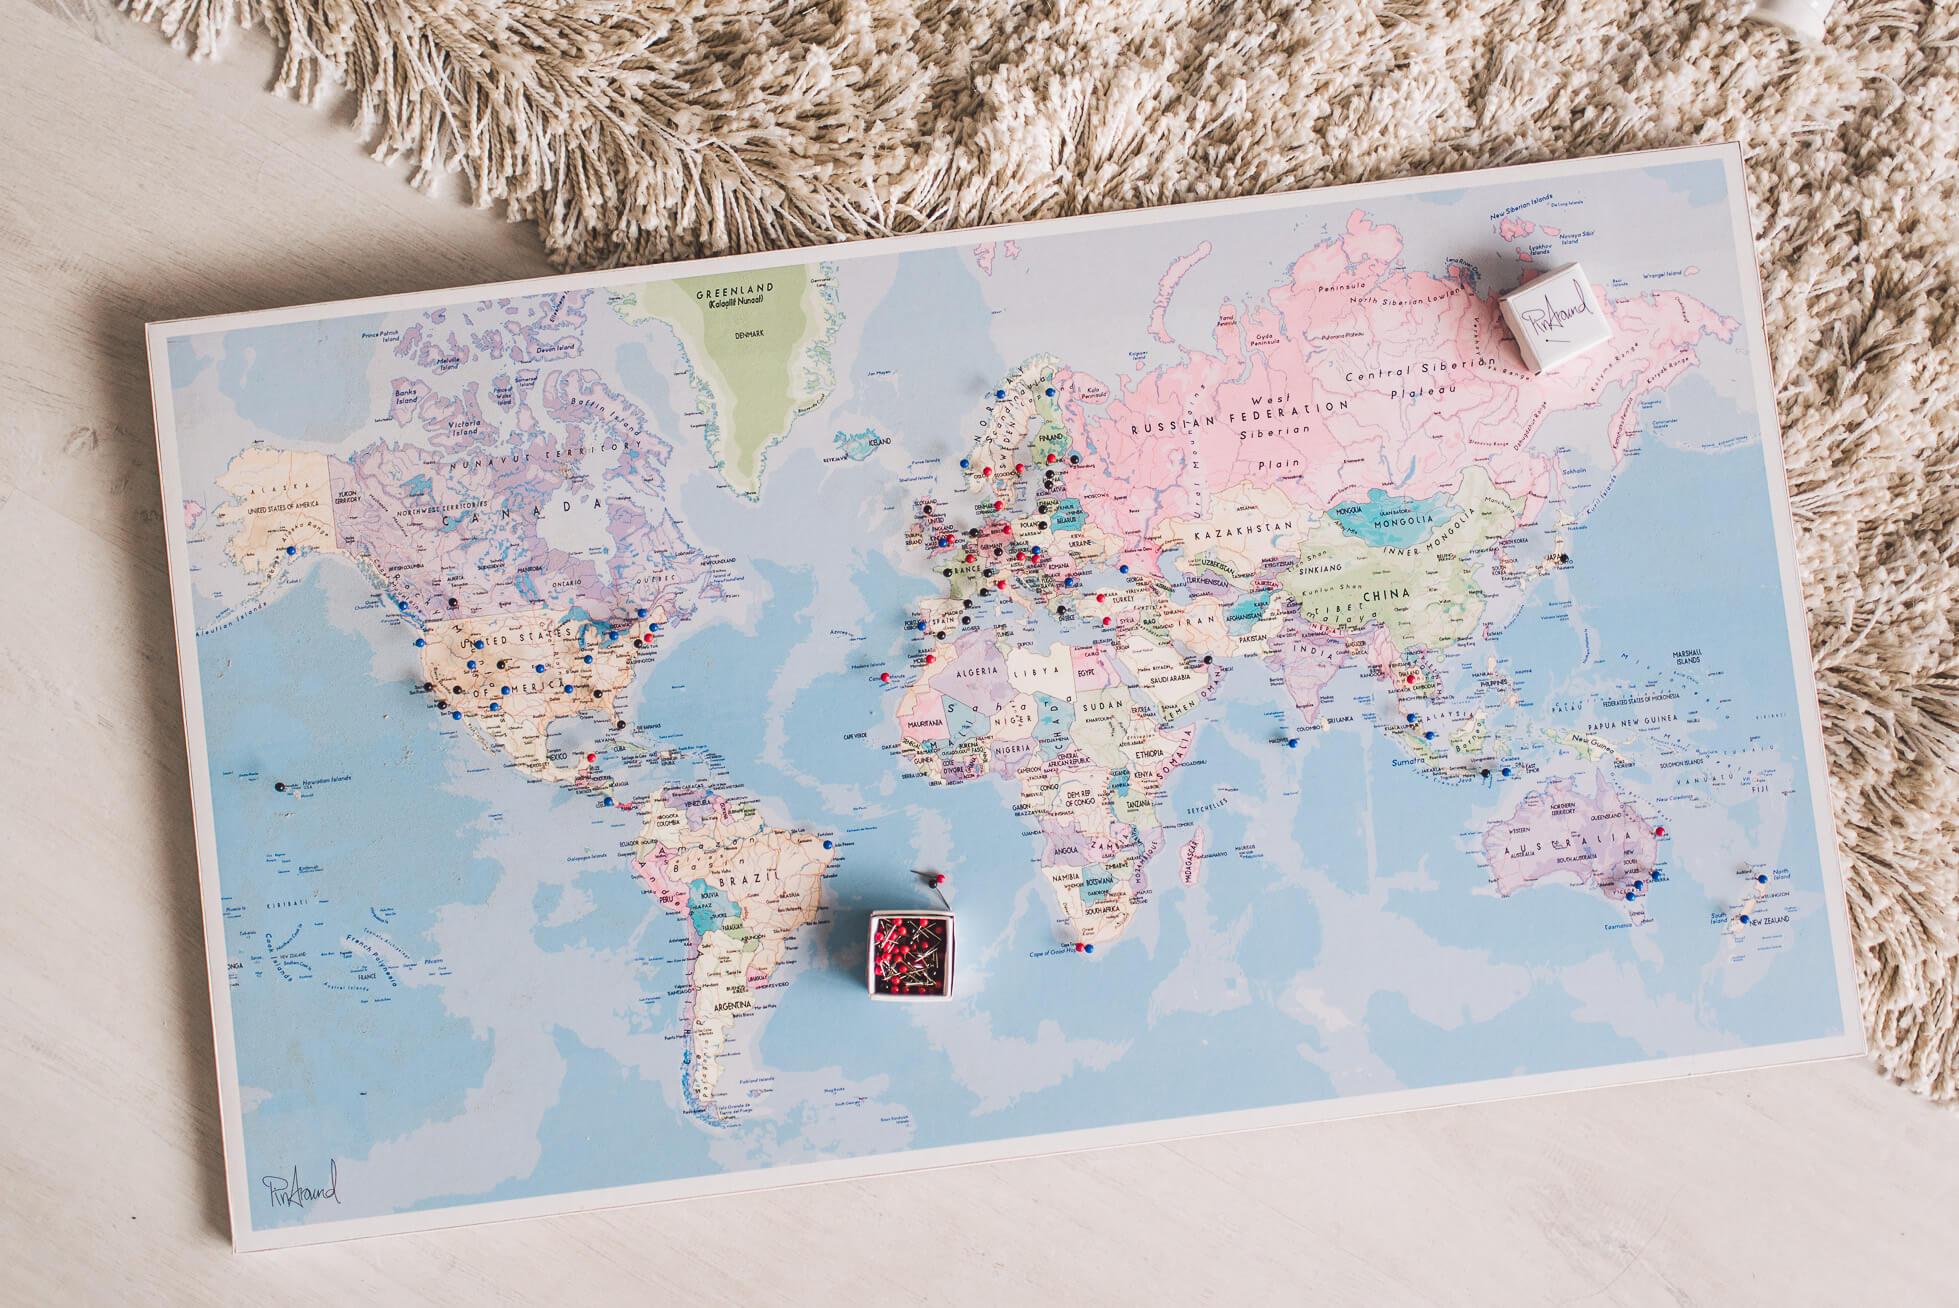 janni-deler-travel-mapDSC_2576